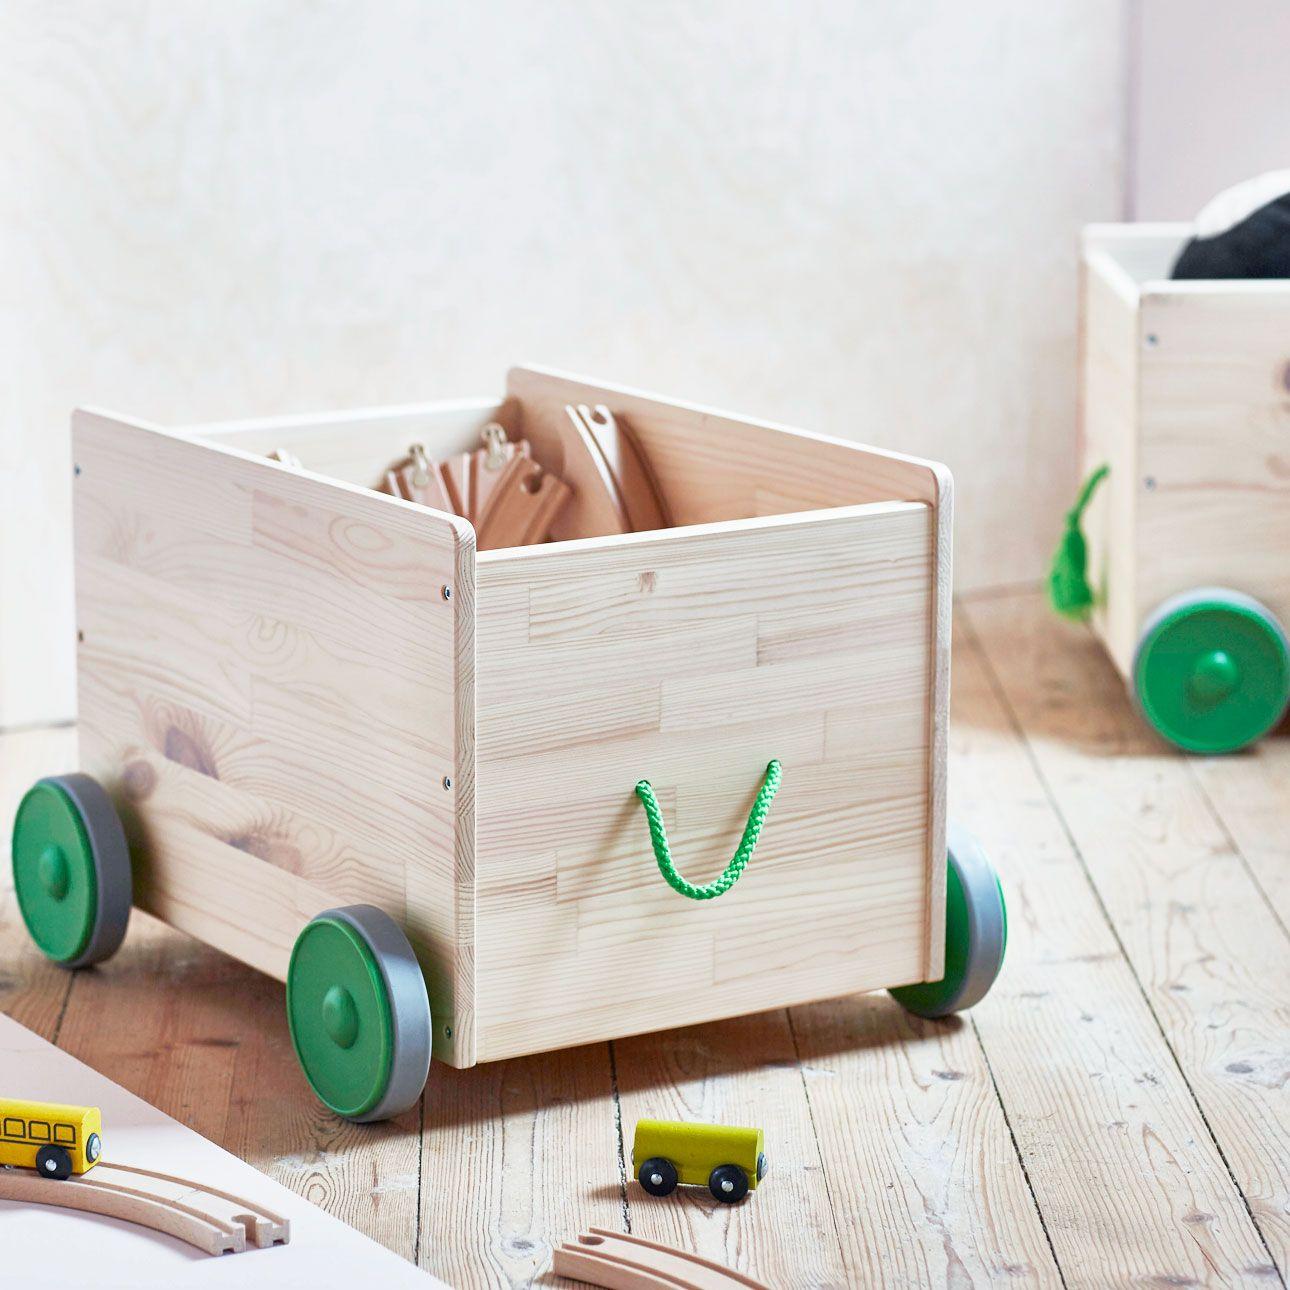 Ikea Kinderland Mooi Hout Is Niet Lelijk Jongenskamer